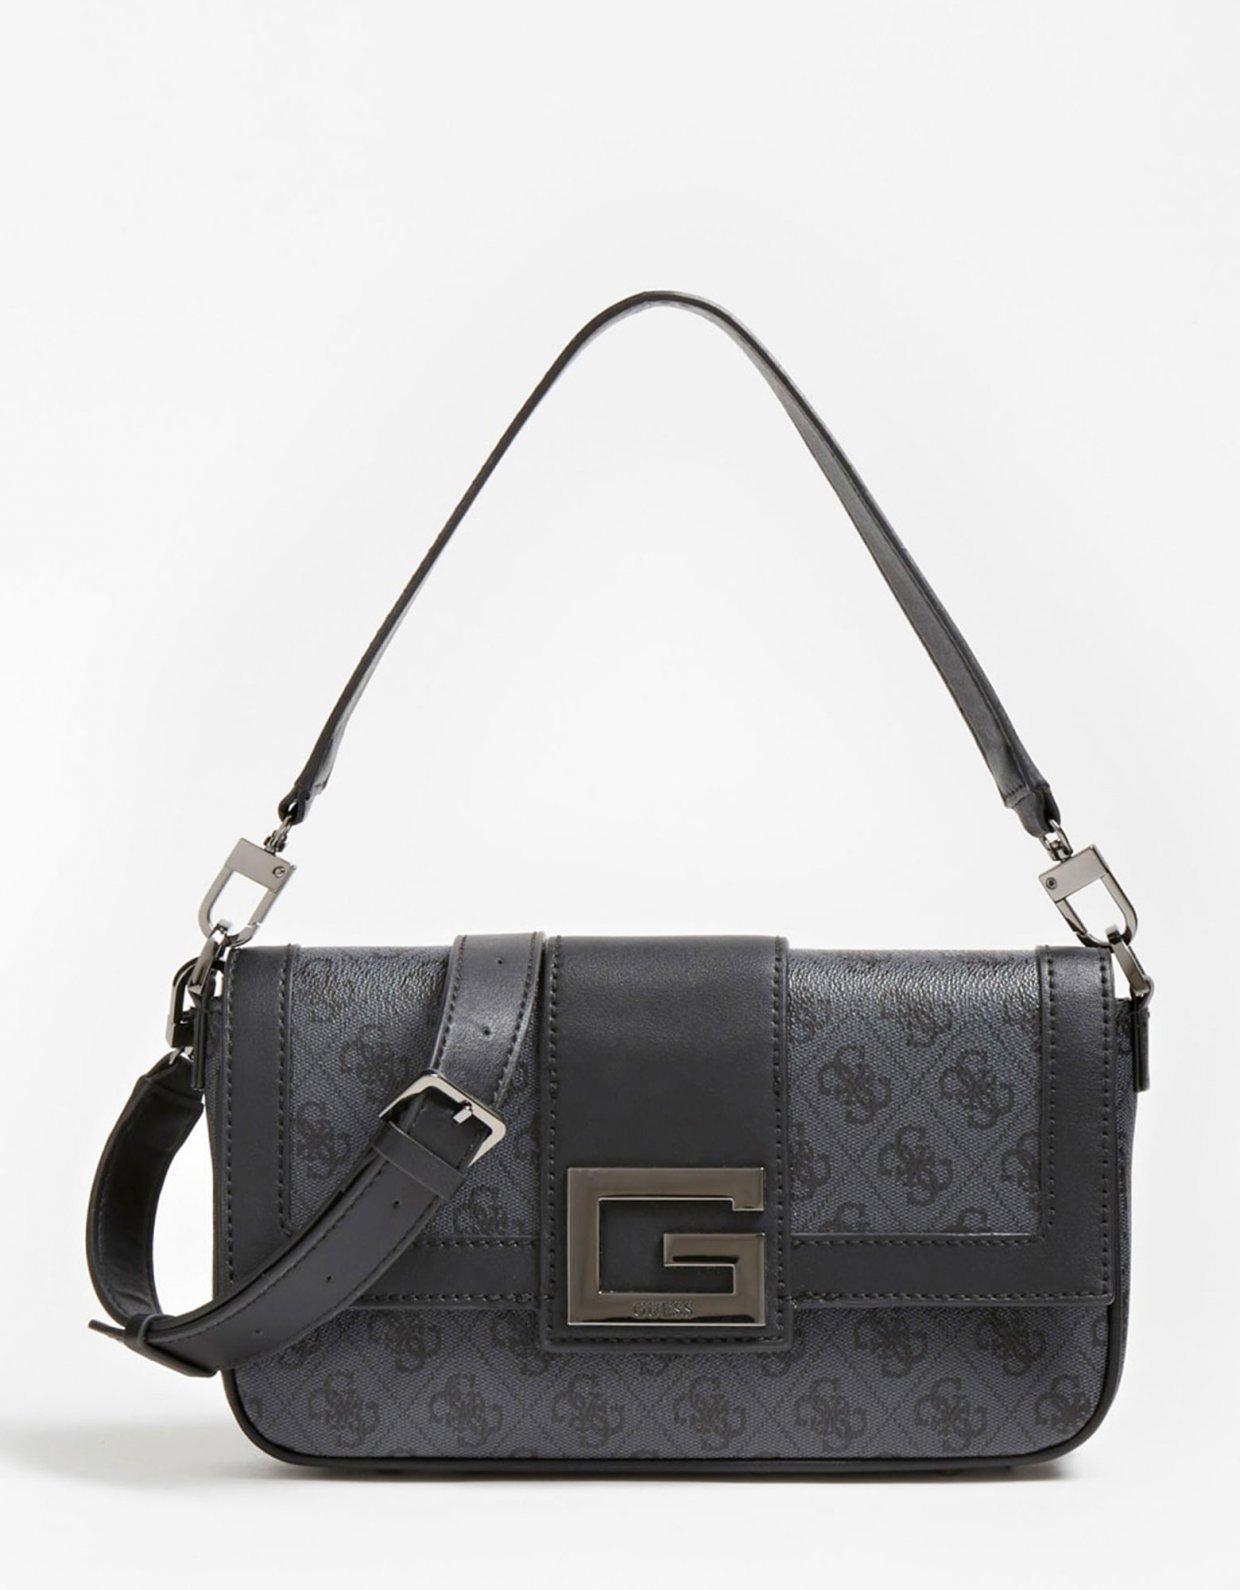 Guess Brightside shoulder bag dark grey